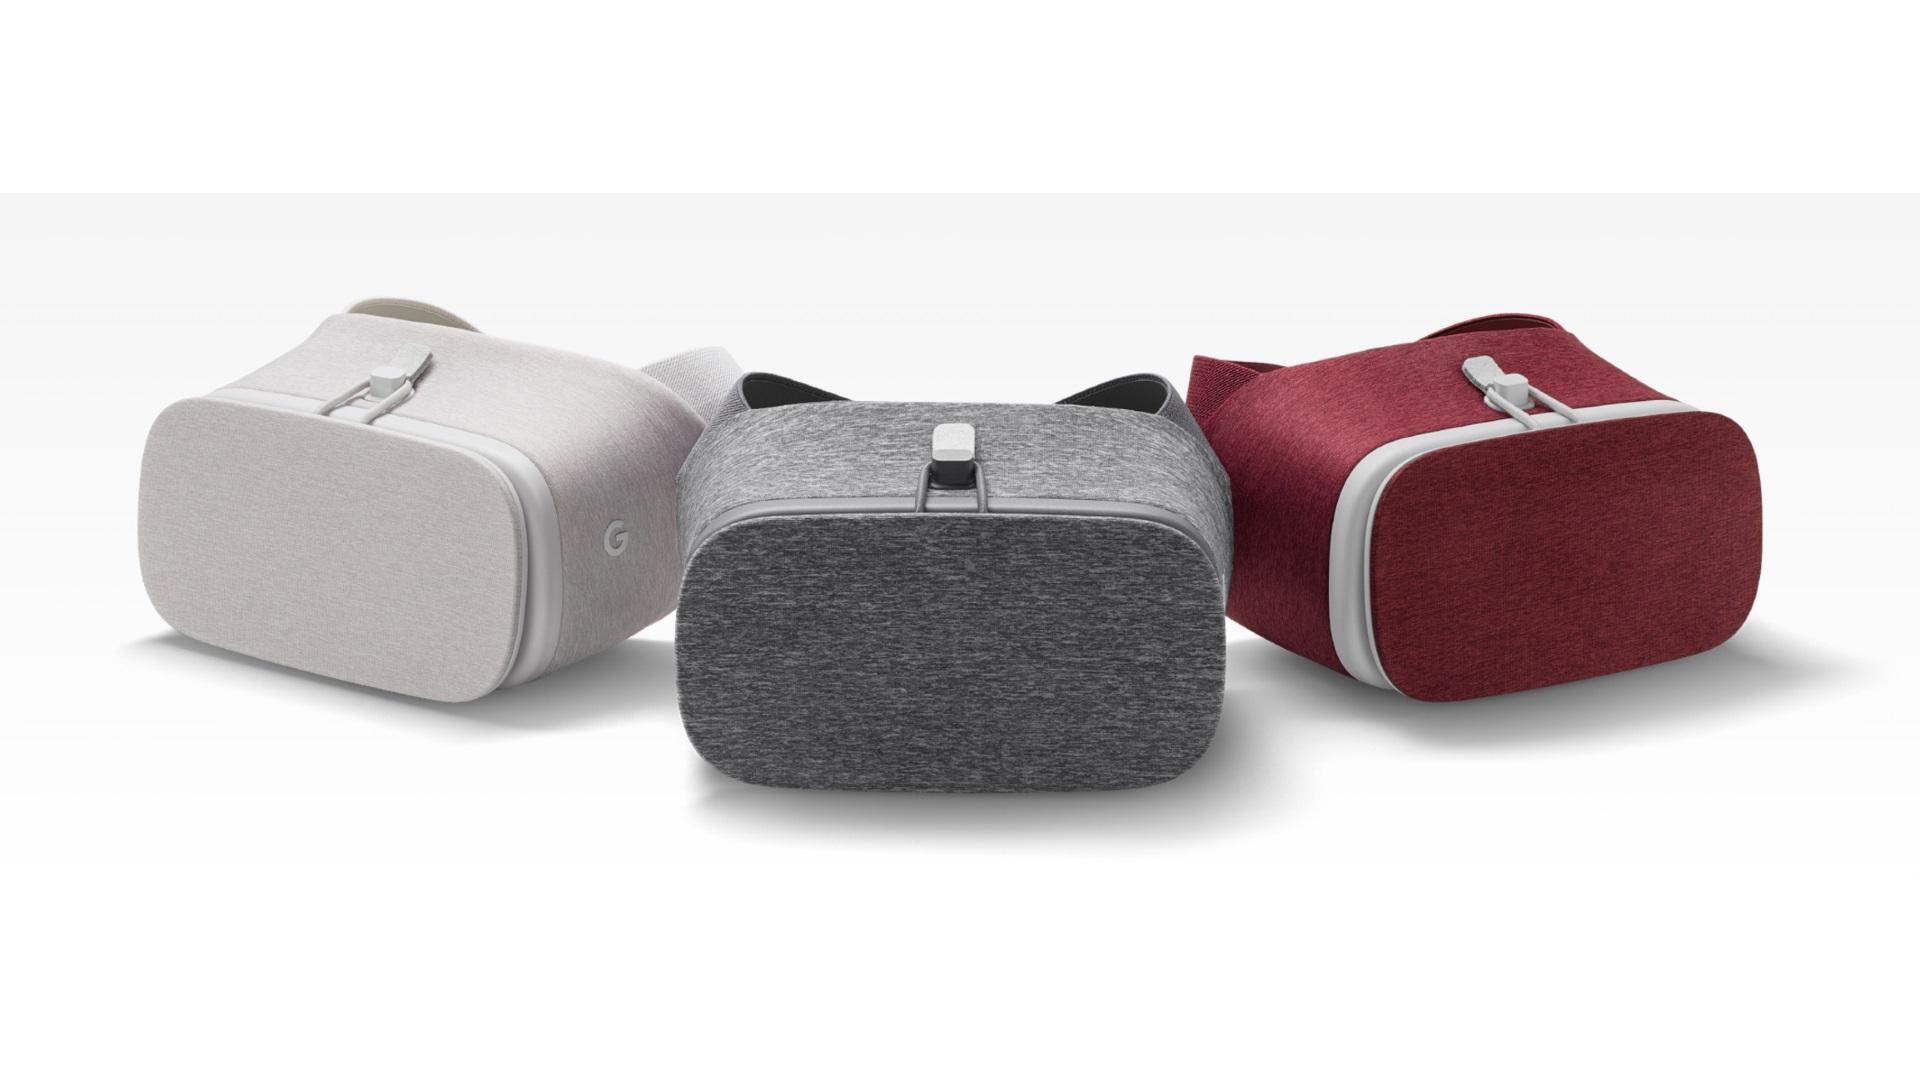 Google CEO、2017年末までに「Daydream」対応スマートフォンが11機種ラインアップすることを名言